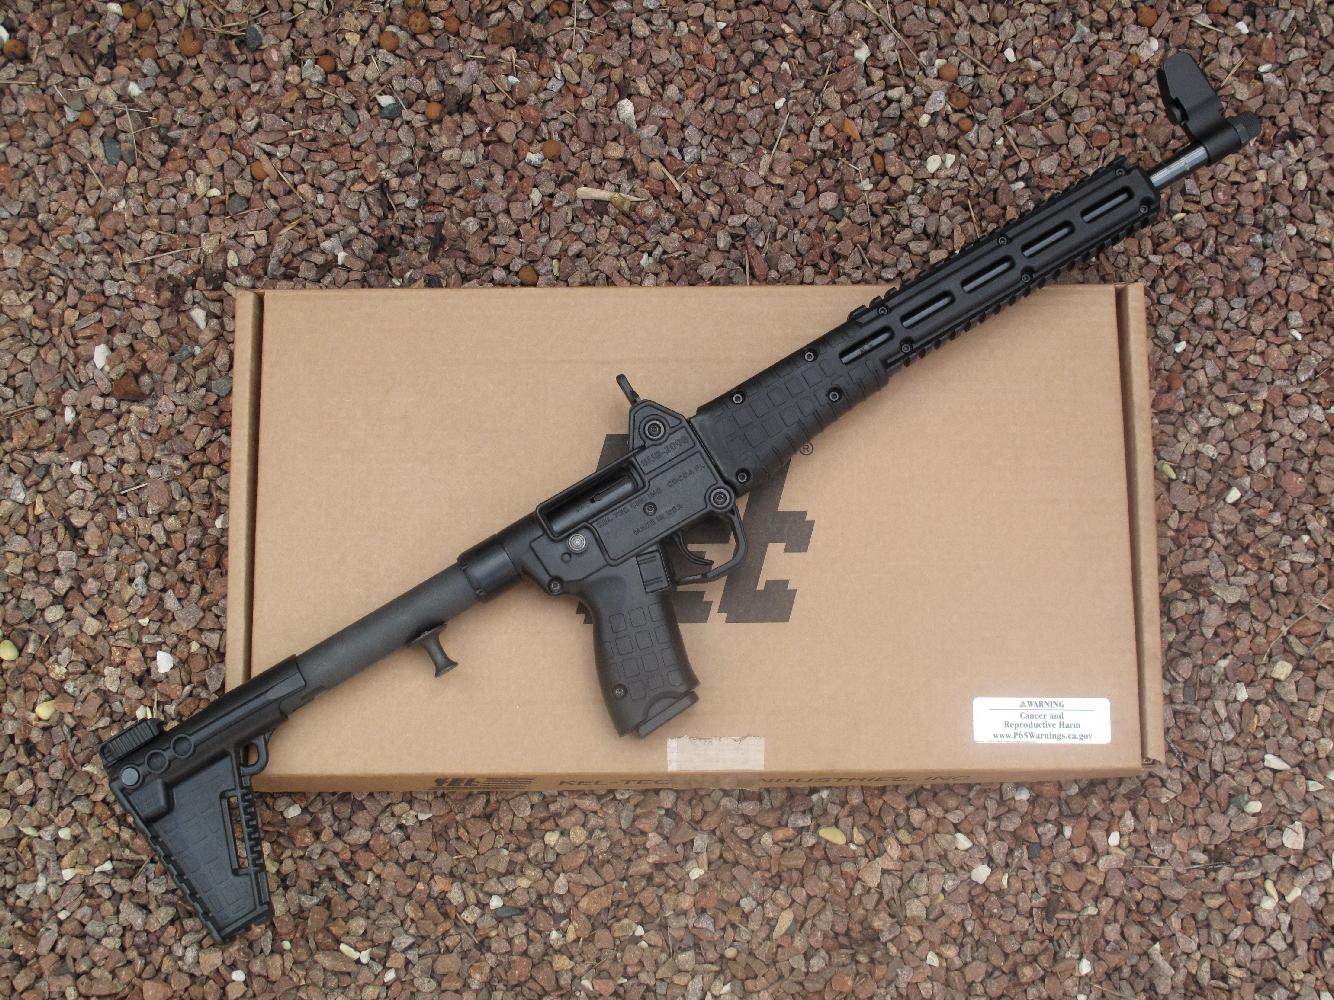 Cette arme, qui offre une sécurité sans faille quand est repliée, bénéficie d'une facilité de mise en œuvre déconcertante lui permettant d'être instantanément opérationnelle en cas de nécessité.